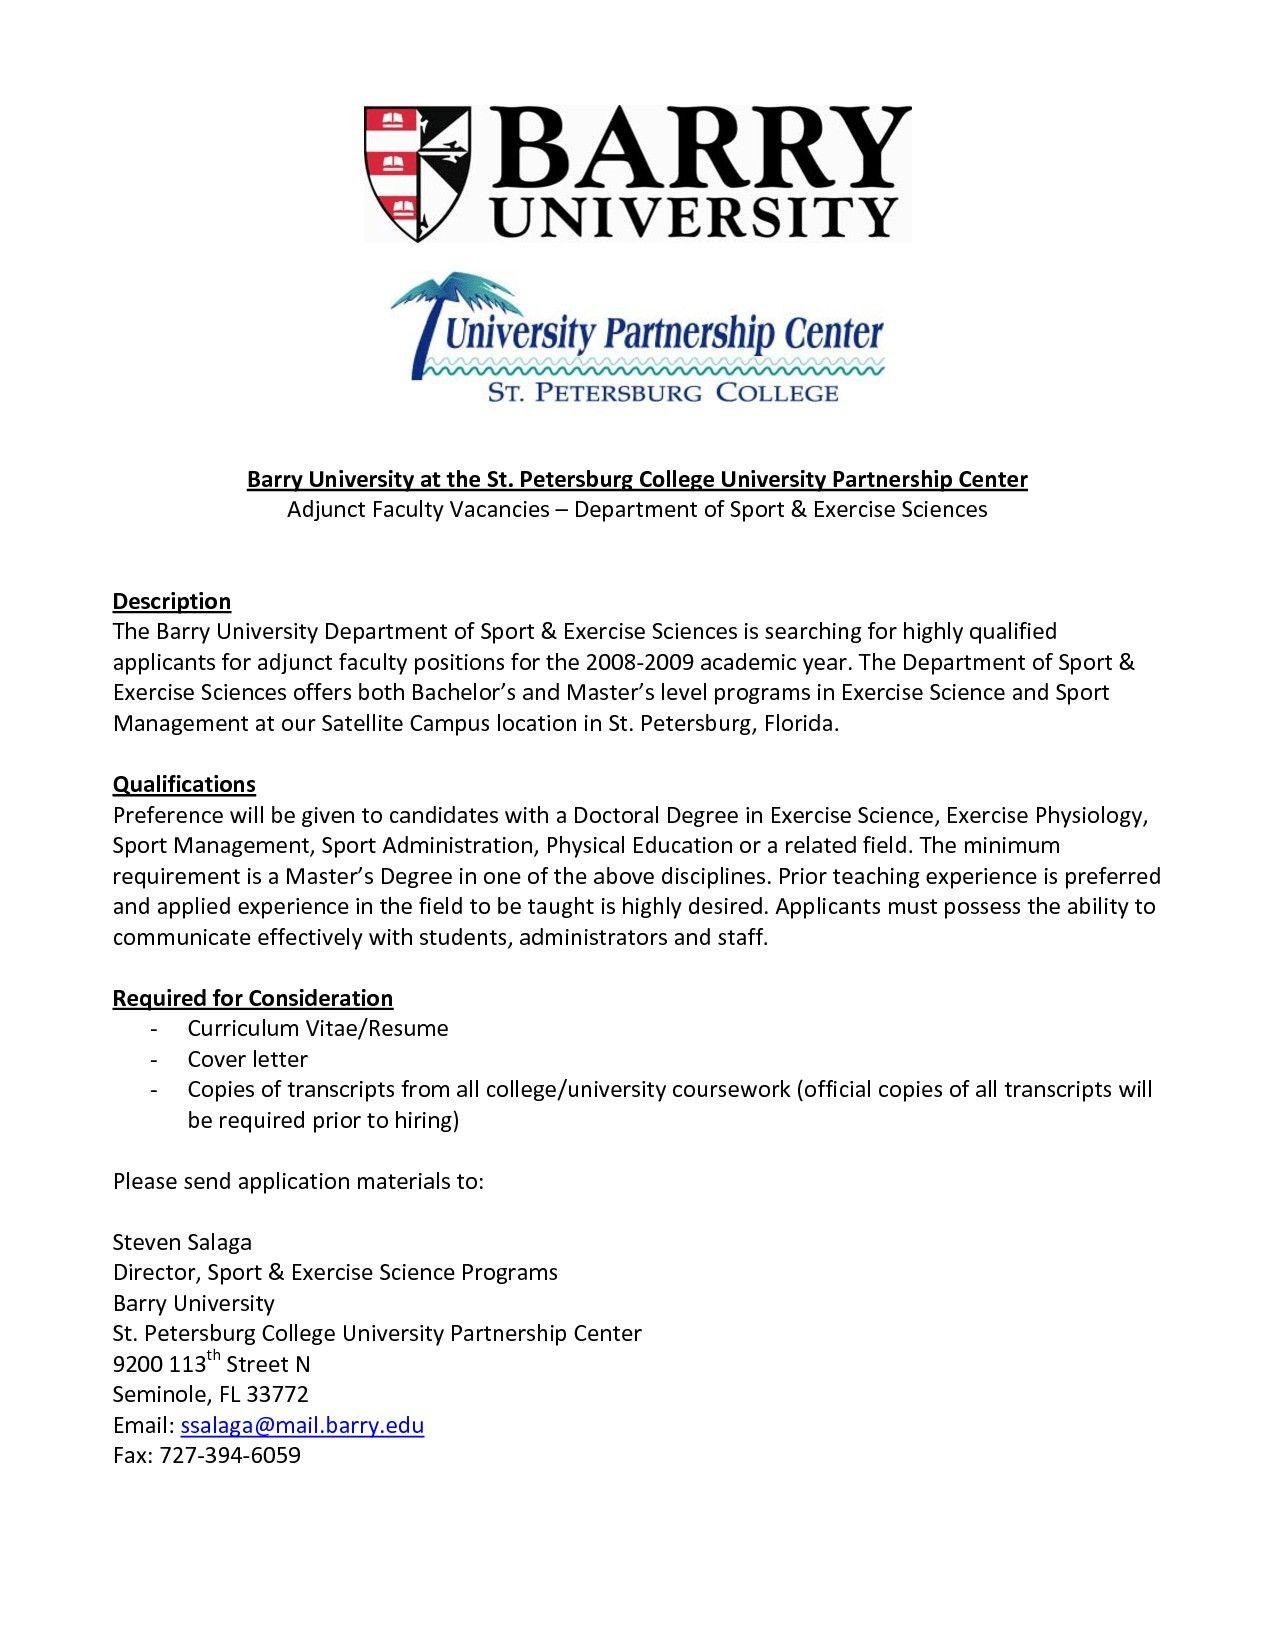 26 Academic Cover Letter Adjunct Teaching Lettering Cover Letter Sample